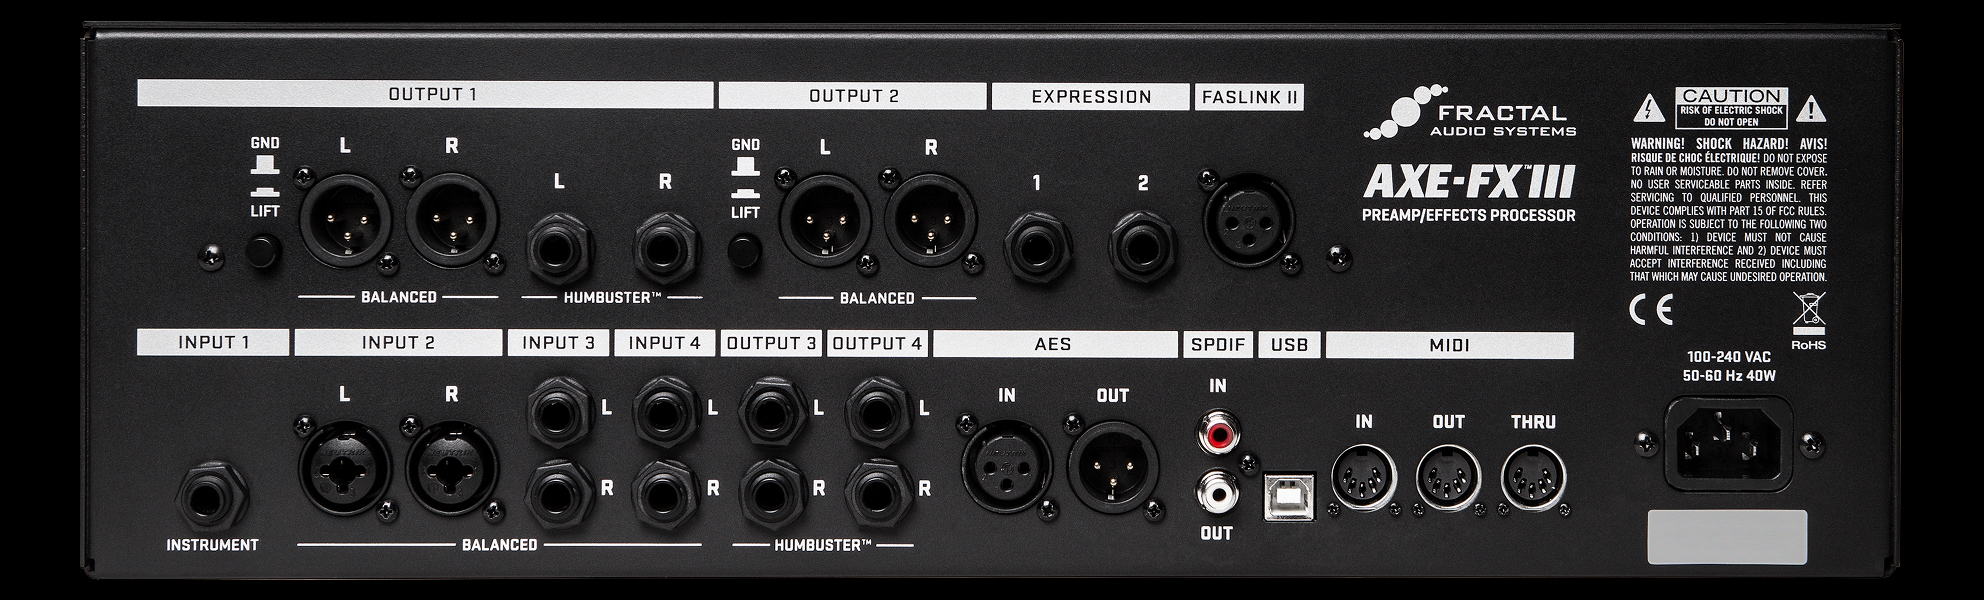 G66 eu - Axe-Fx III